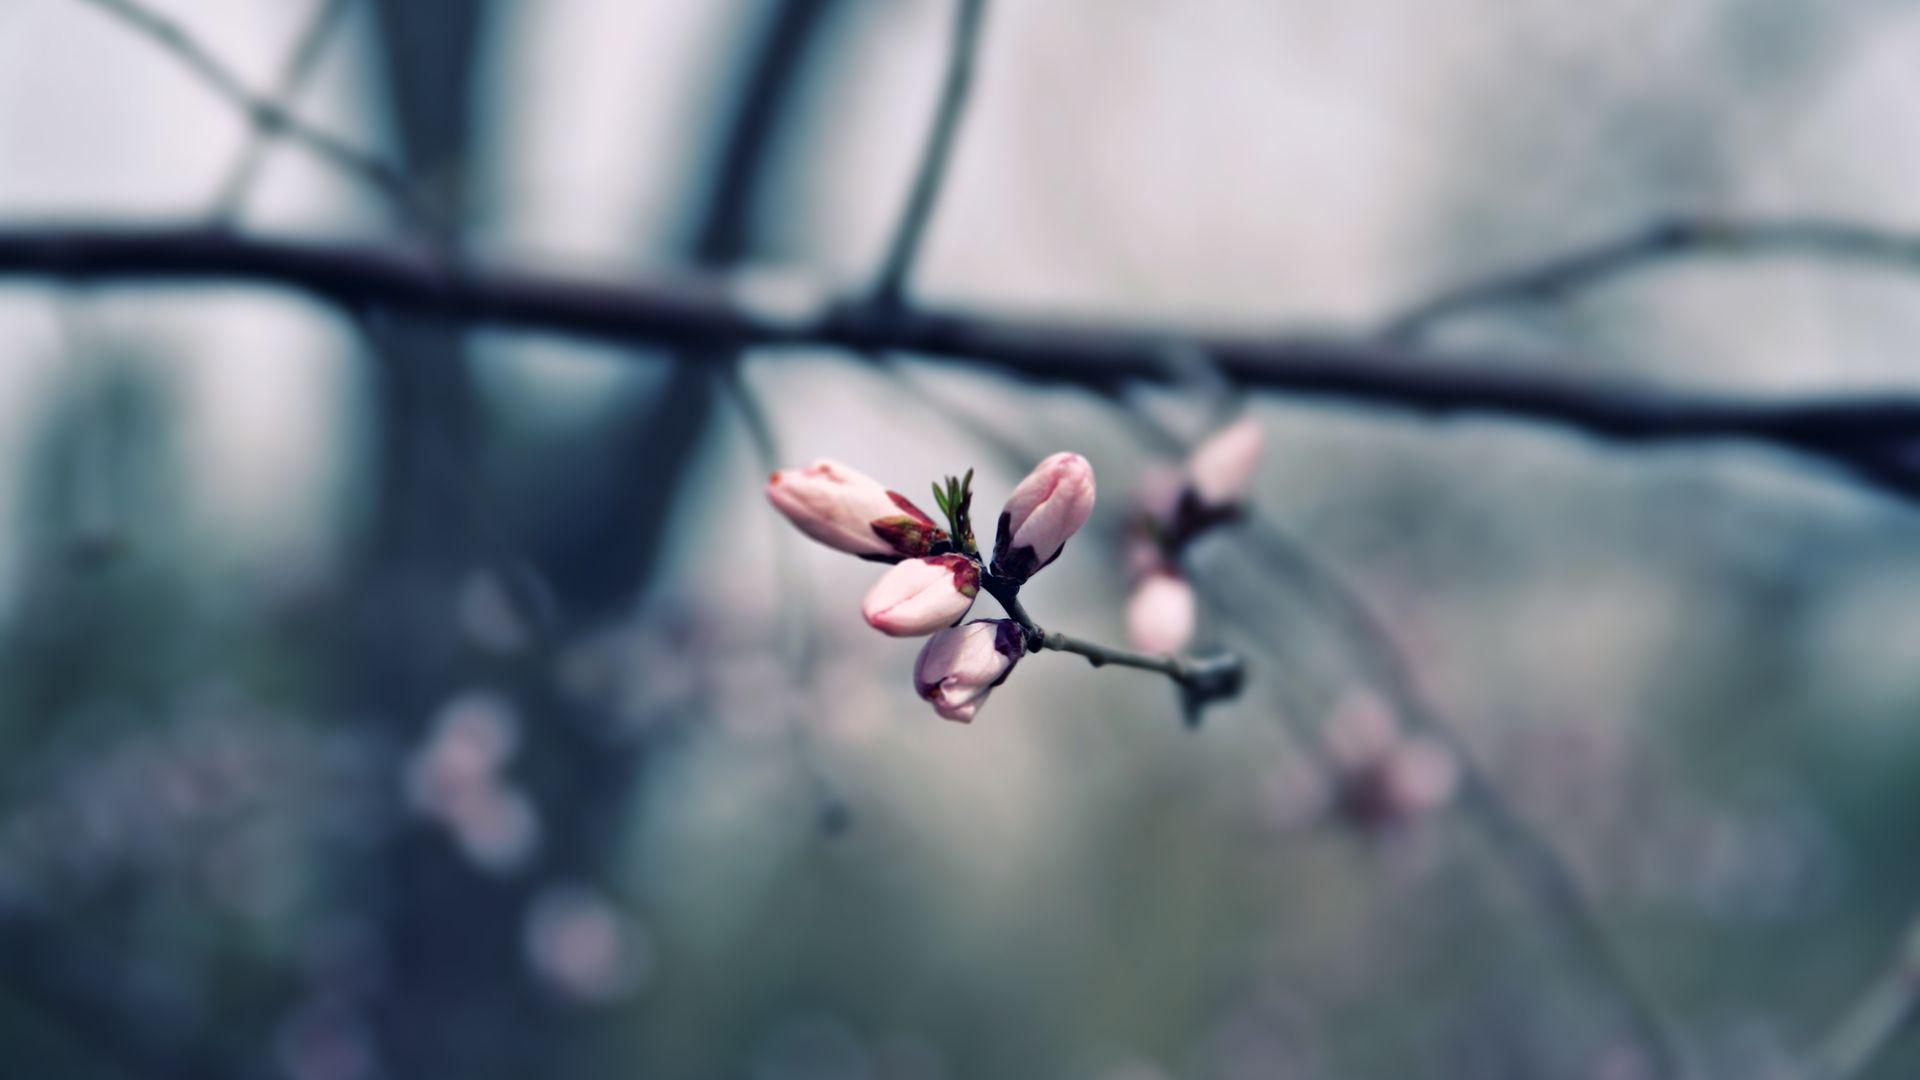 Twig image